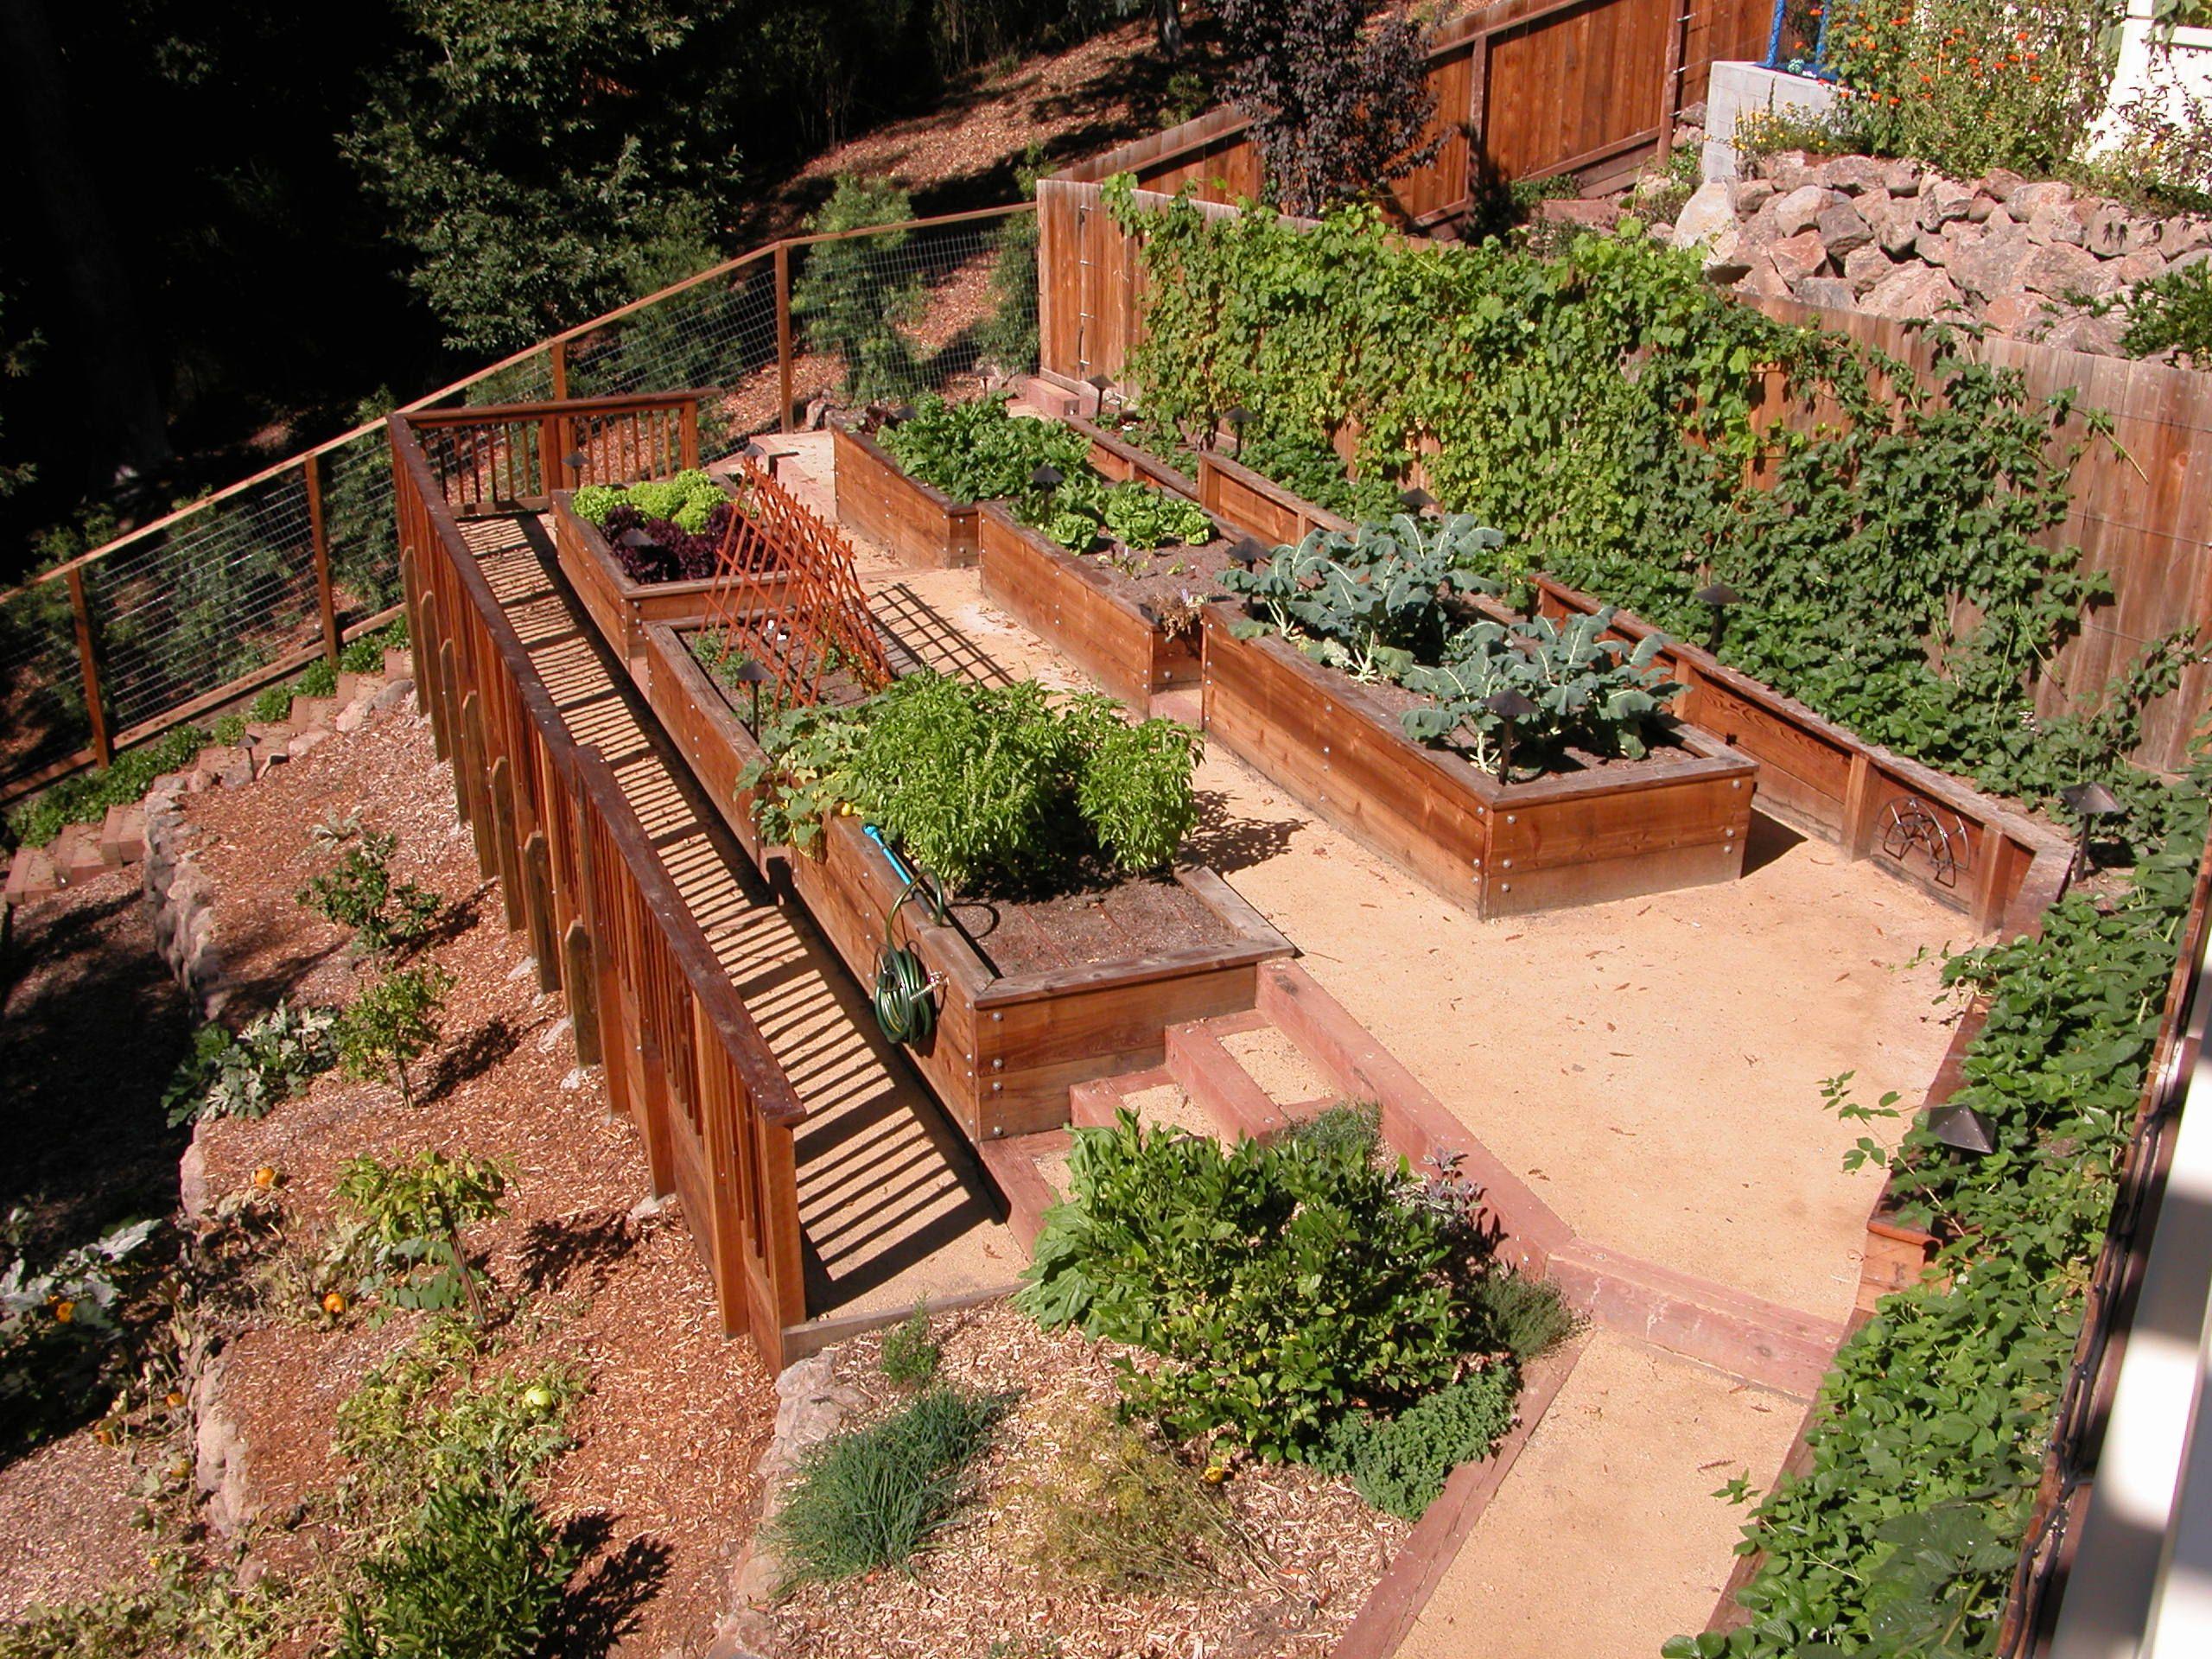 carson kitchen garden 2  hillside garden  pinterest